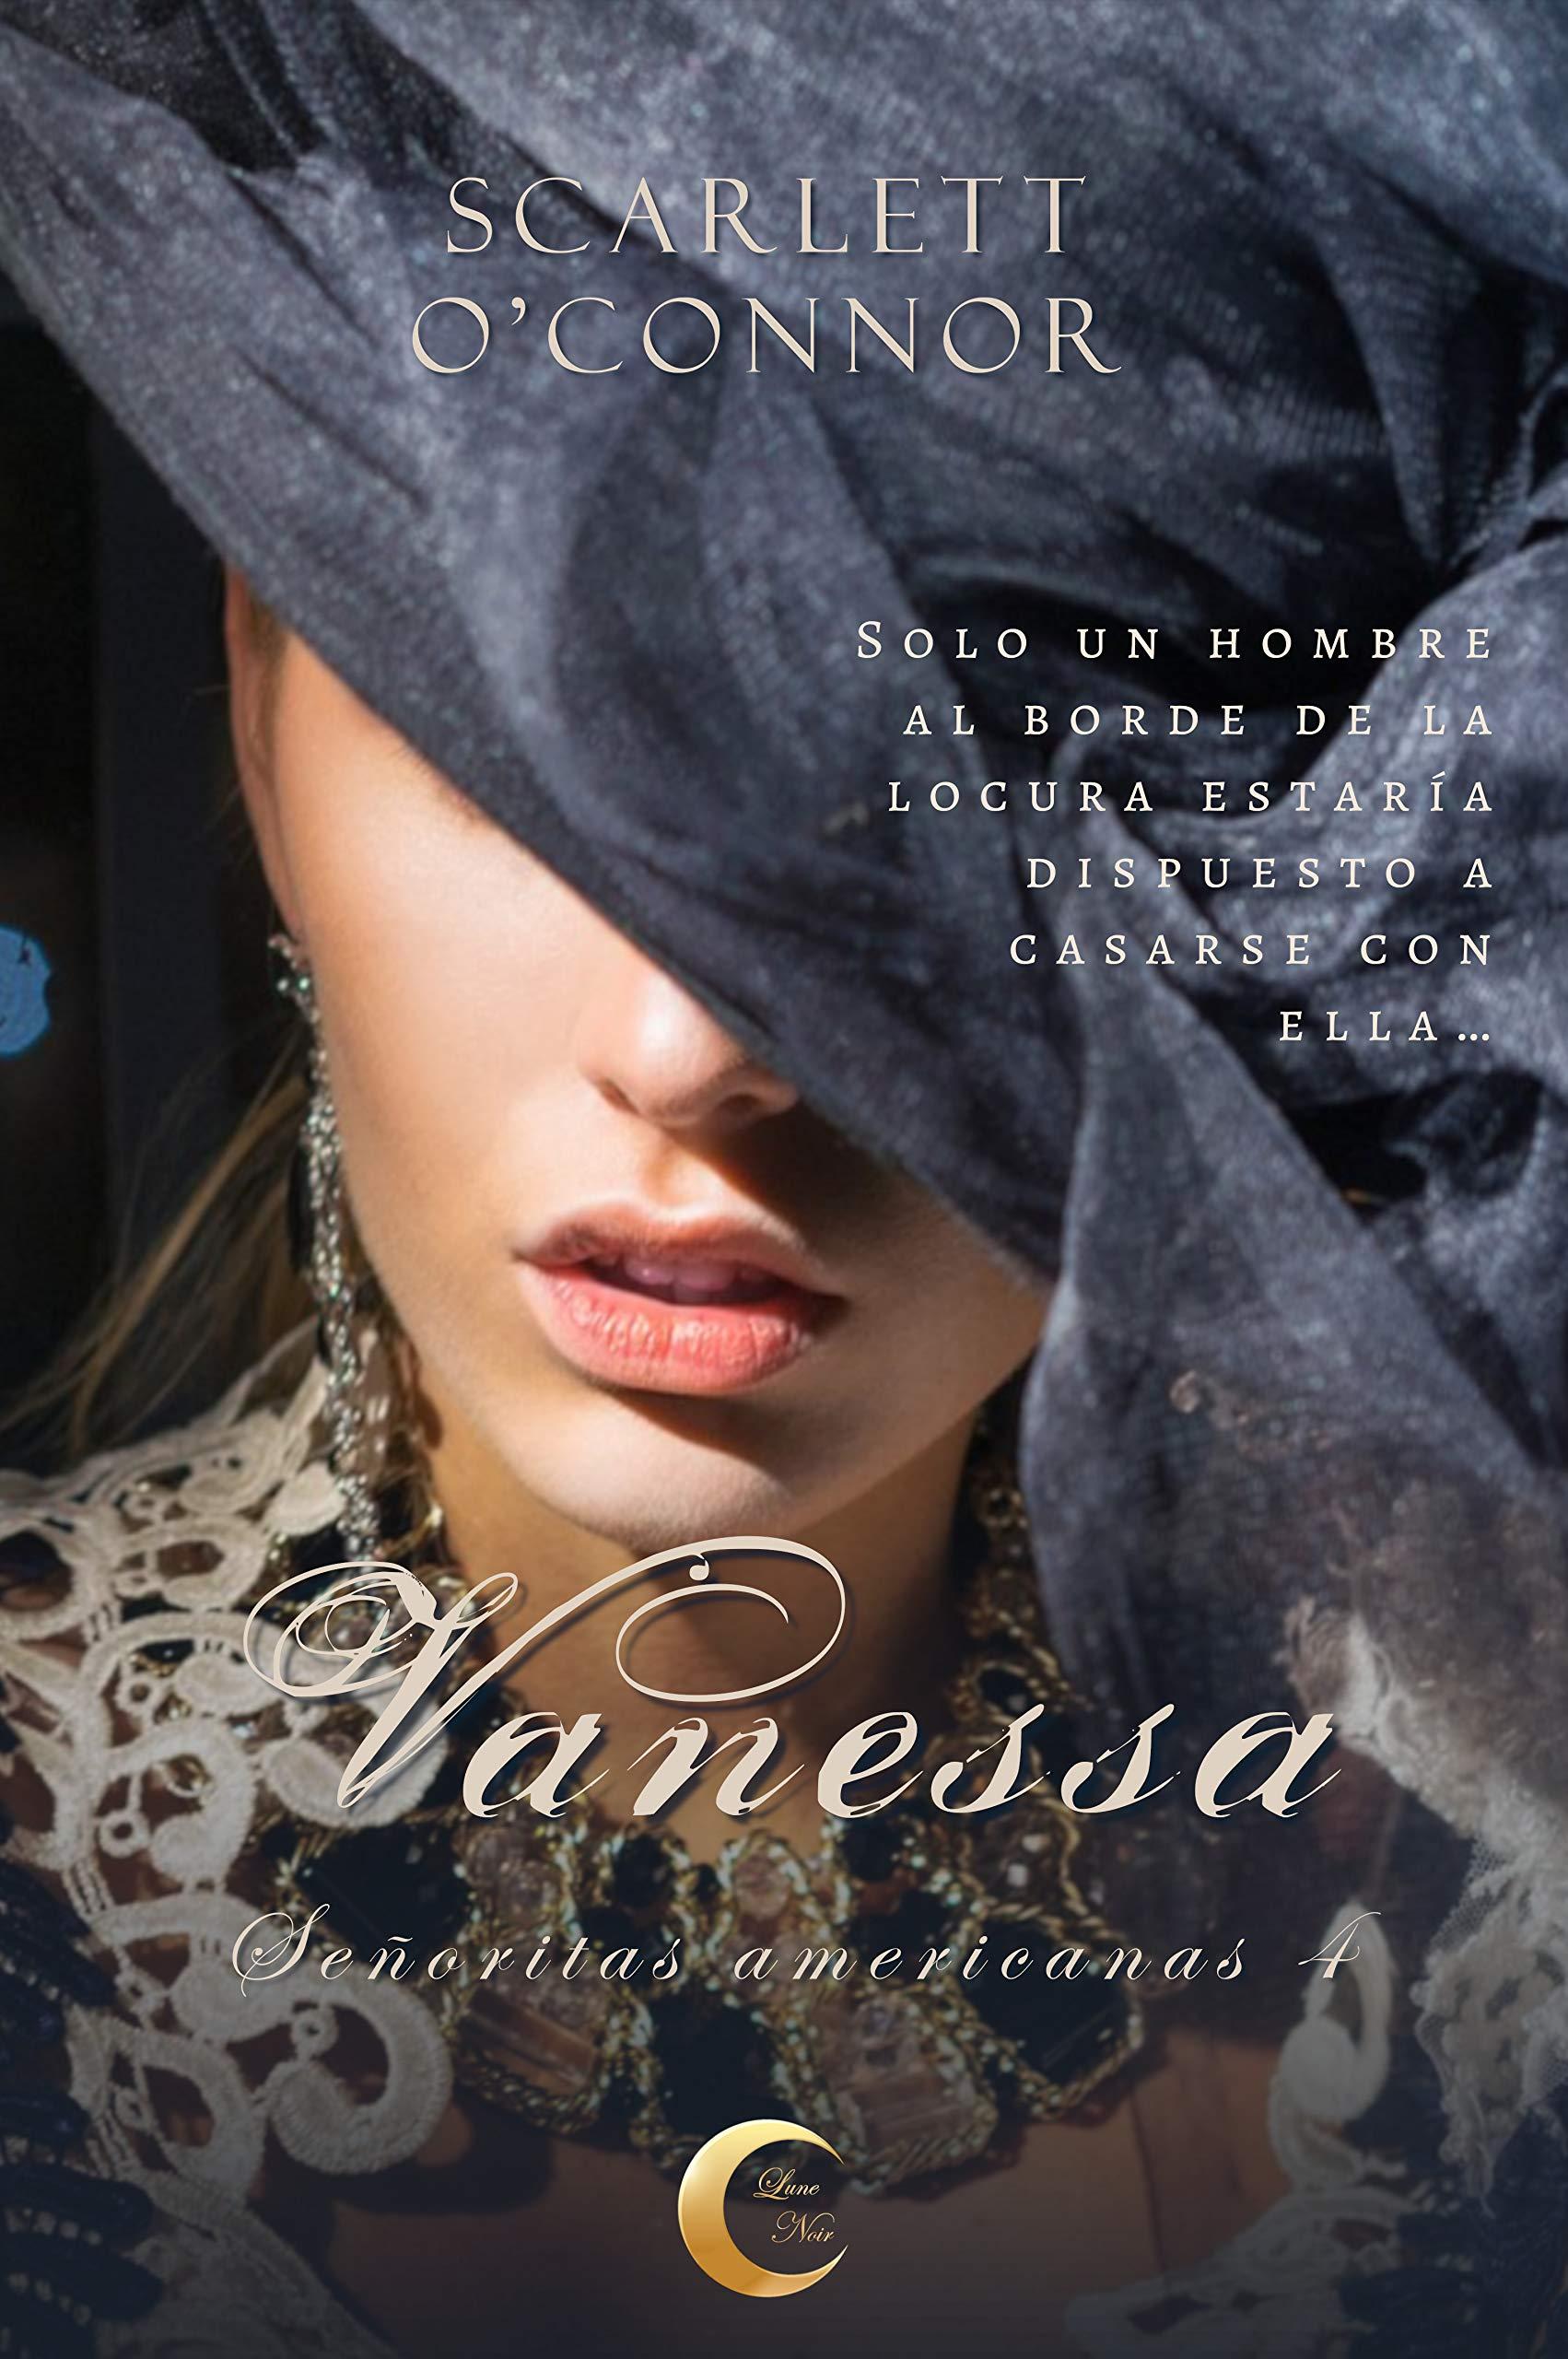 Vanessa (Señoritas americanas nº 4) por Scarlett O'Connor